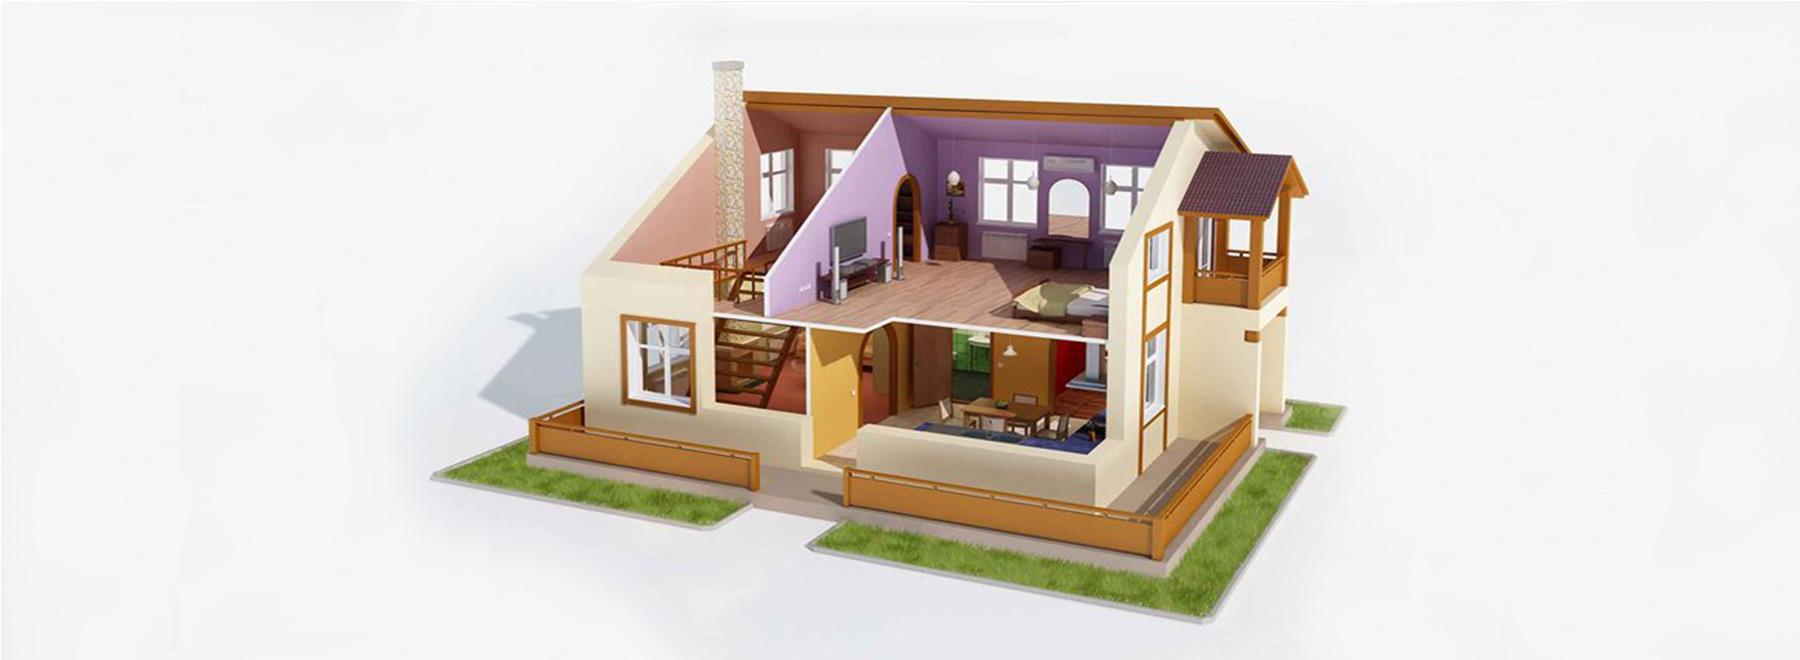 Строительство и ремонт домов под ключ в Борисове